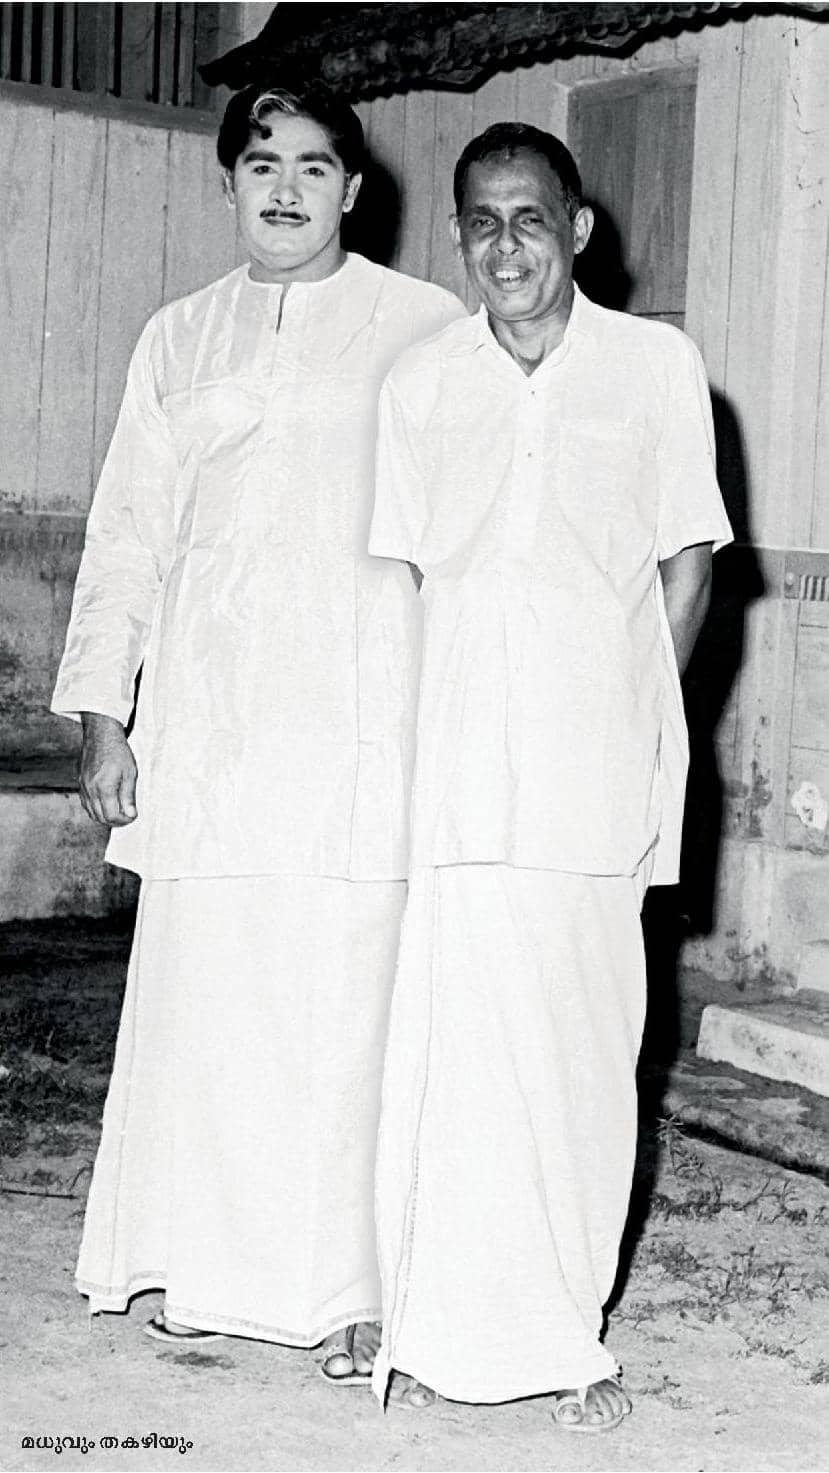 ഏക് ഹിന്ദുസ്ഥാനി